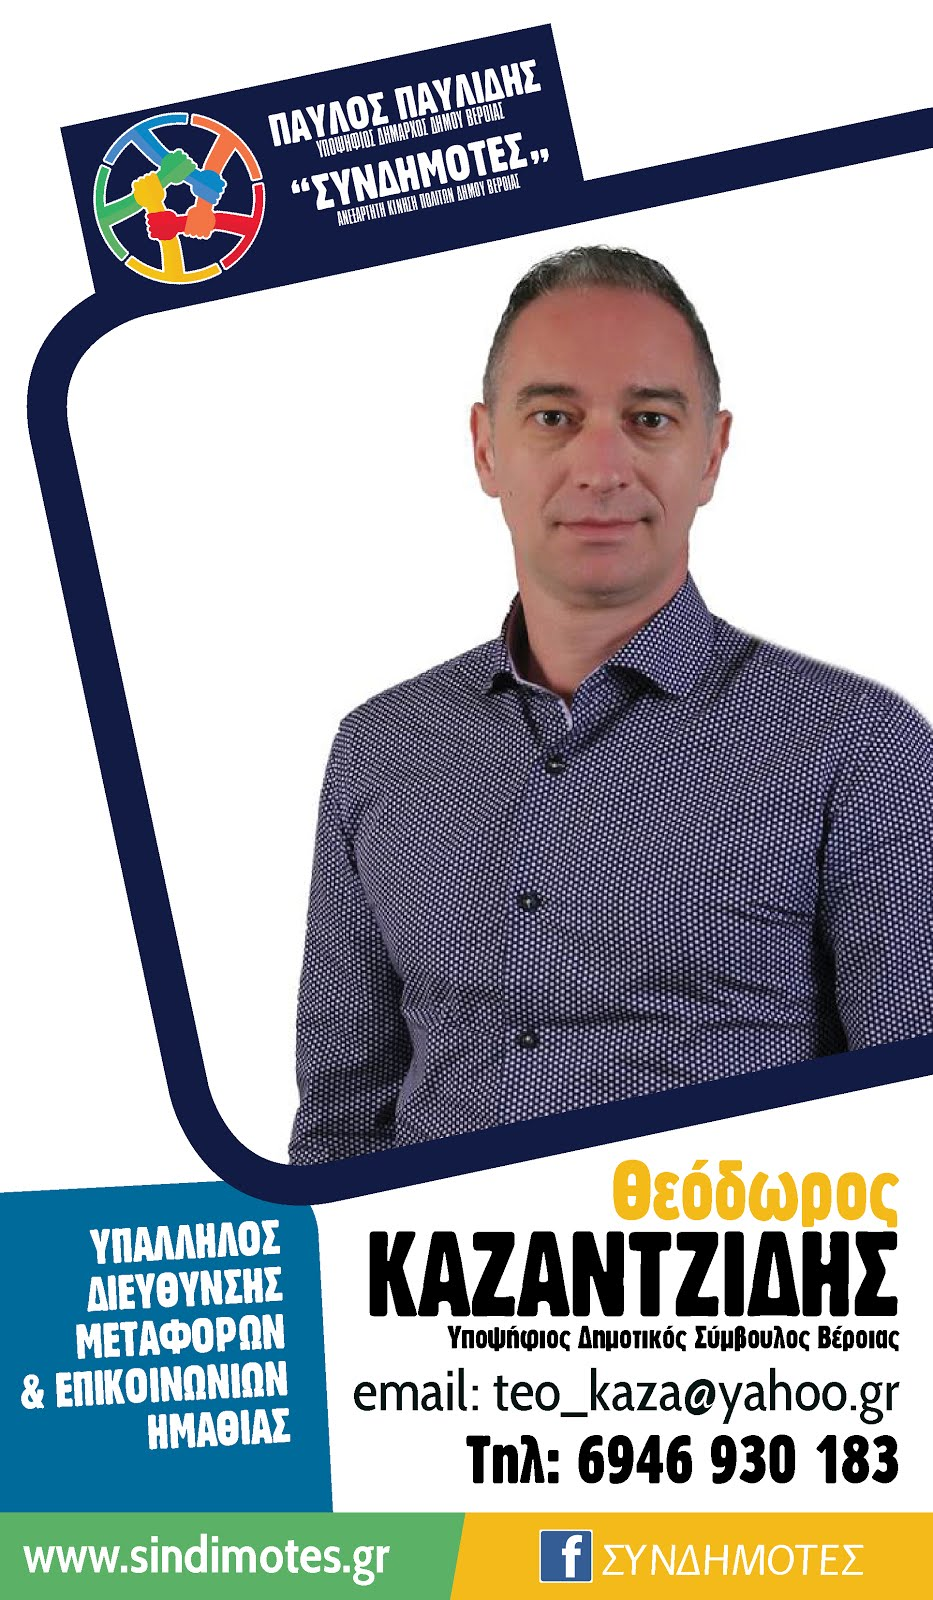 ΚΑΖΑΝΤΖΙΔΗΣ ΥΠΟΨΗΦΙΟΣ